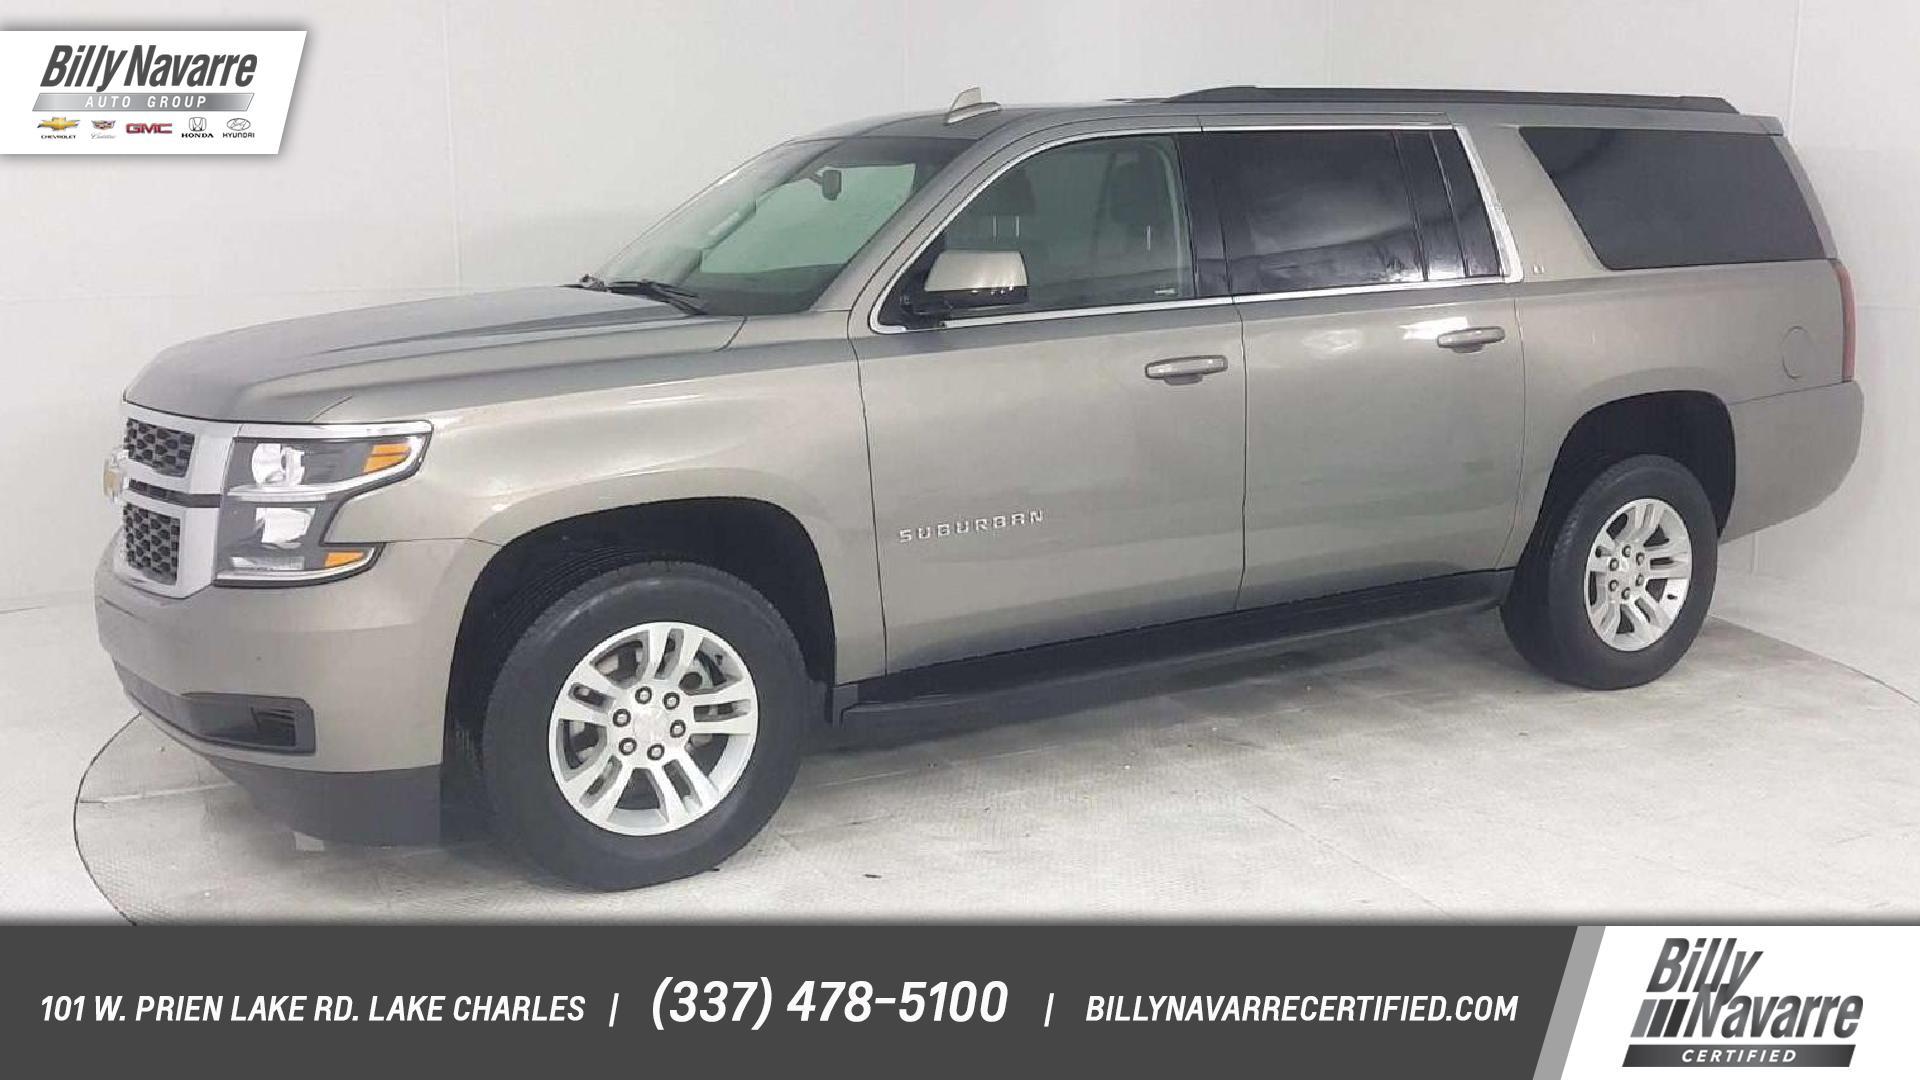 2018 Chevrolet Suburban 1500 Lt City Louisiana Billy Navarre